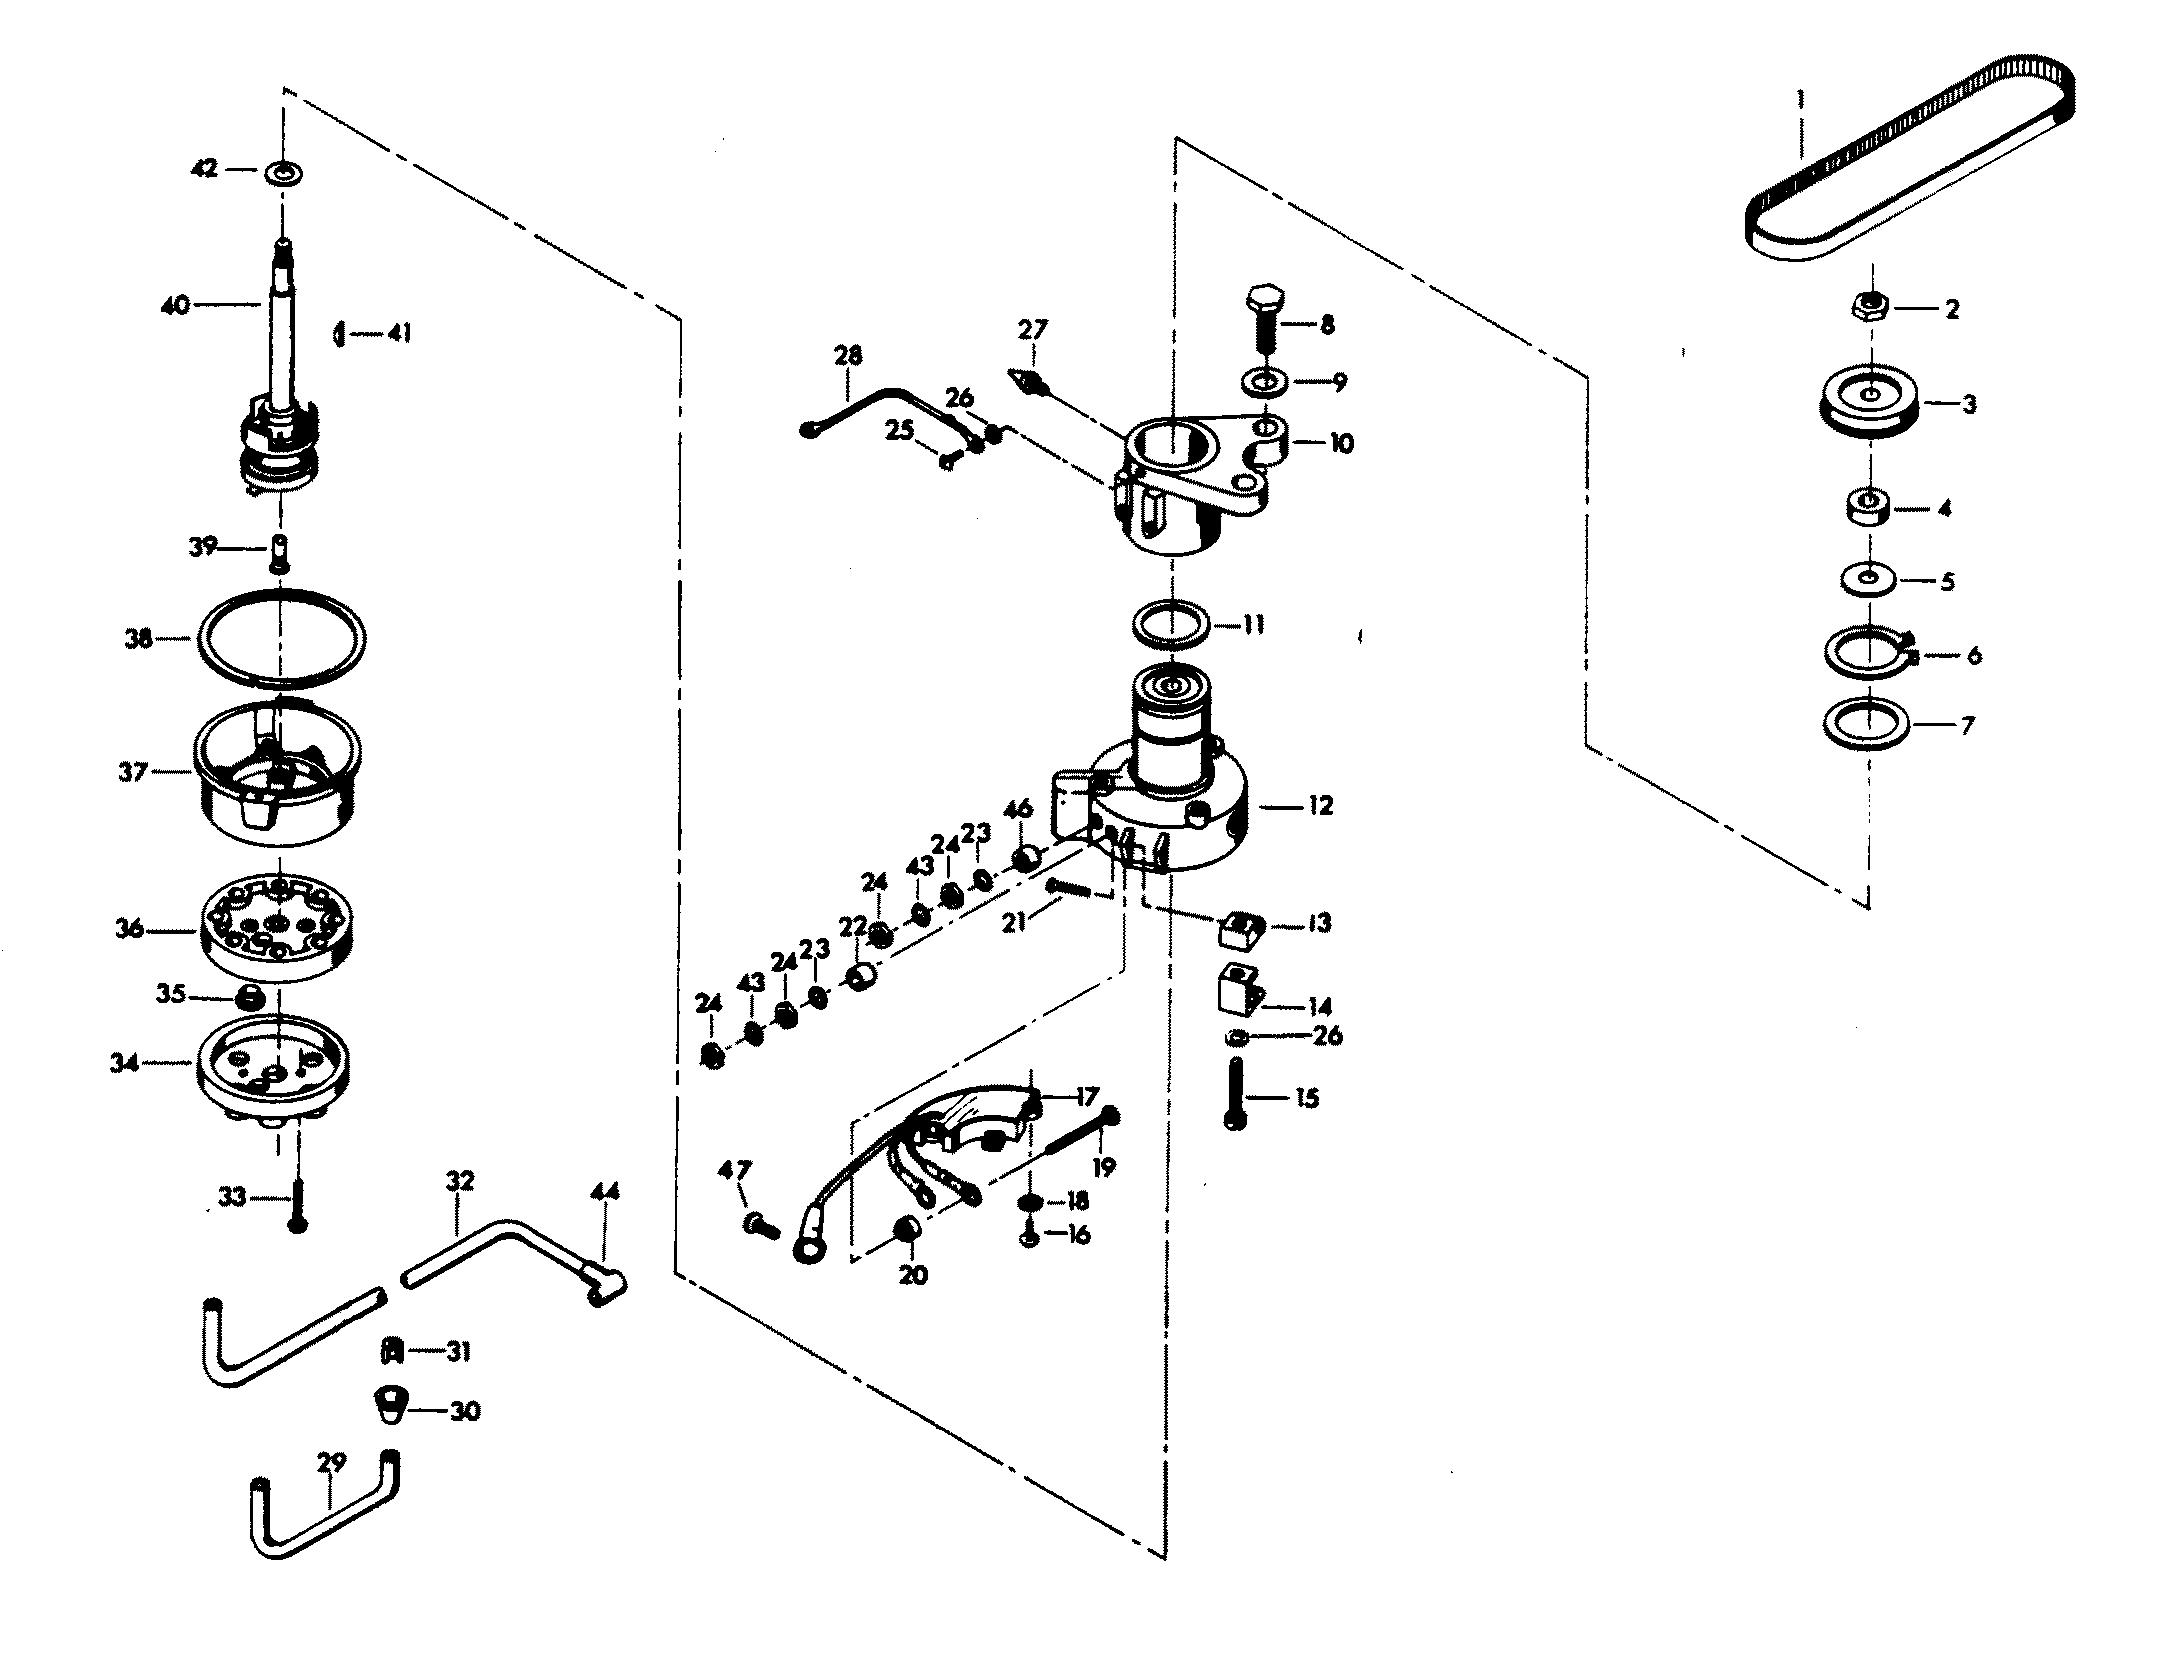 Каталог запчастей CHRYSLER 85 (1980) 856H0H — Запасные